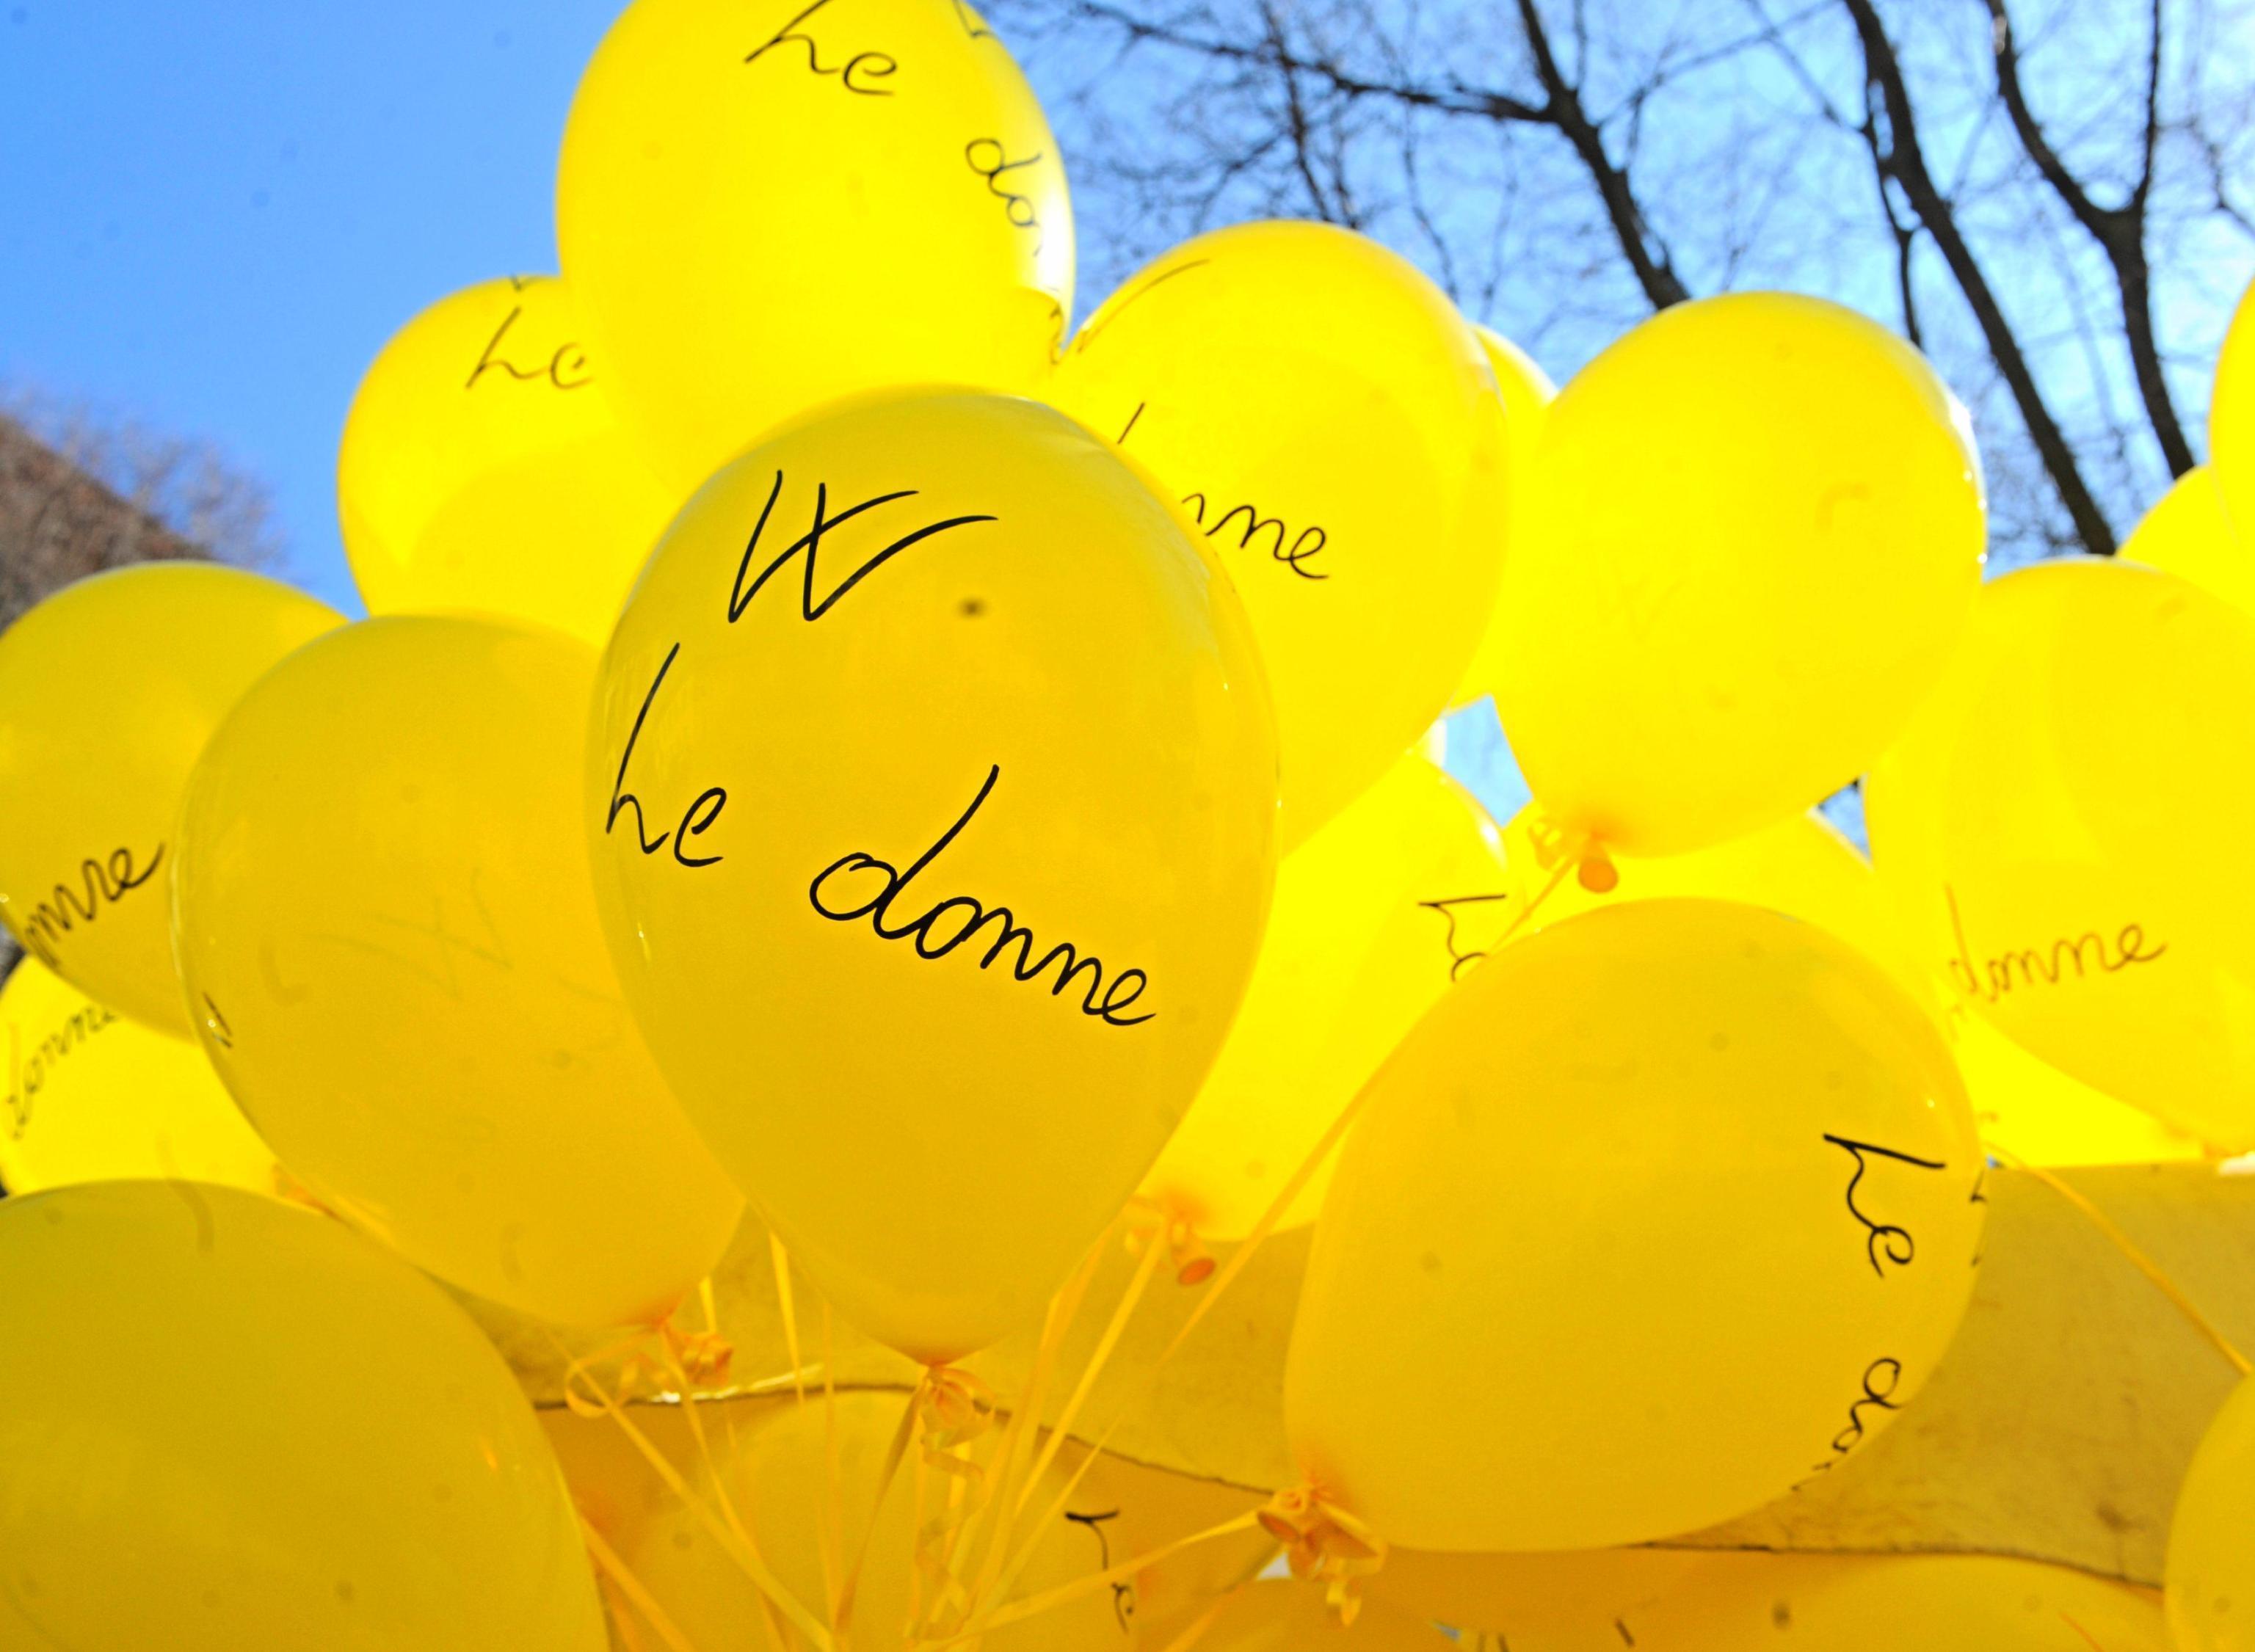 Oggi è la festa della donna: iniziative contro violenze e discriminazioni